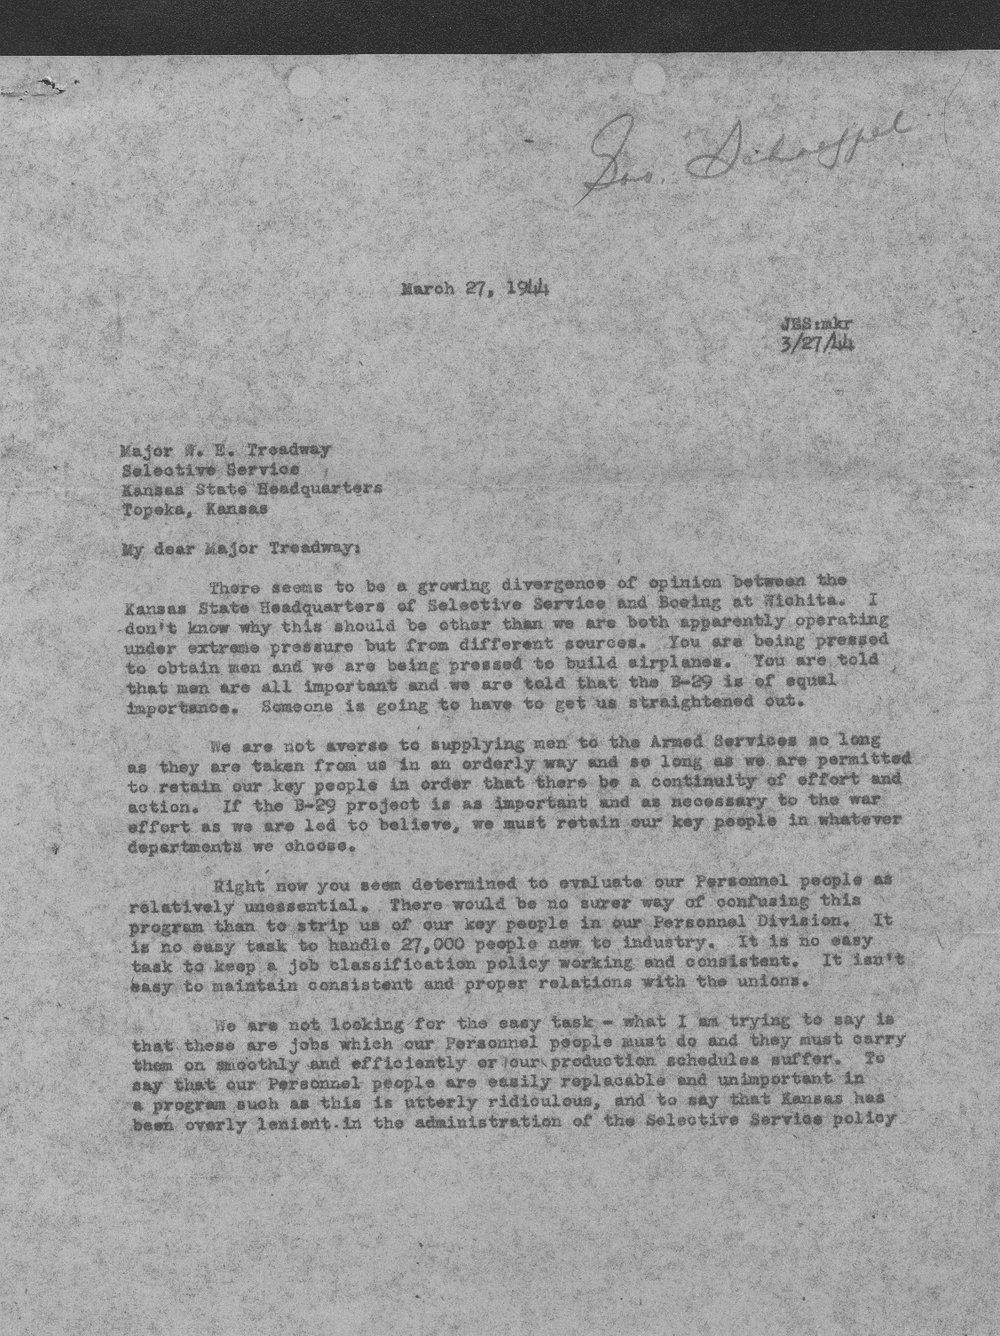 J.E. Schaefer to W.E. Treadway - 1